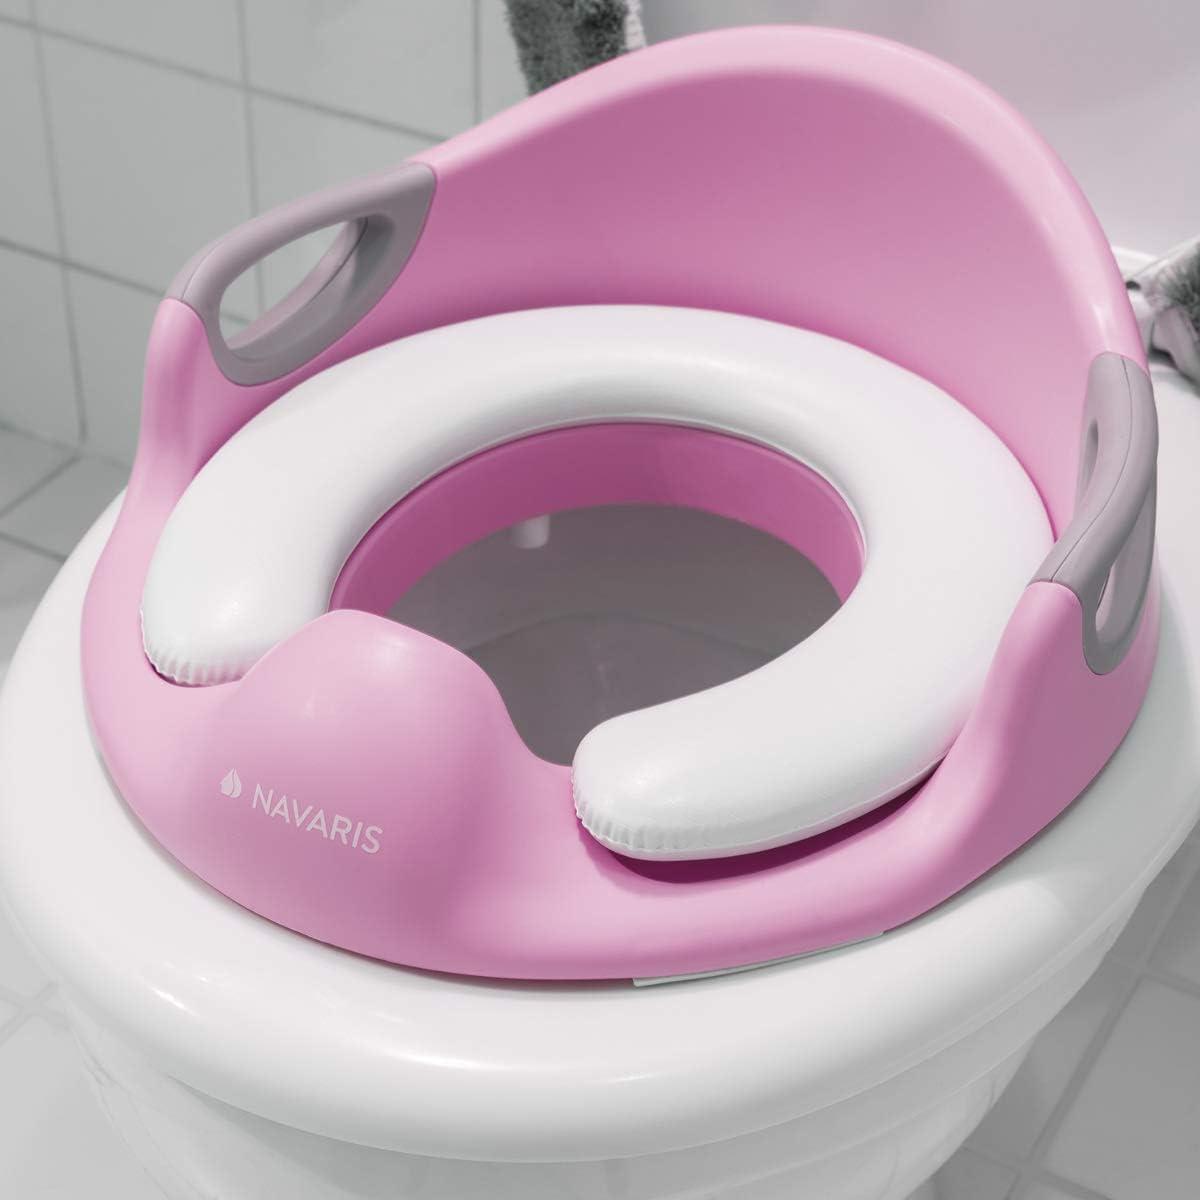 rosa Asiento reductor para tapa del inodoro para beb/é Navaris Adaptador WC para ni/ños Adaptador infantil de entrenamiento port/átil